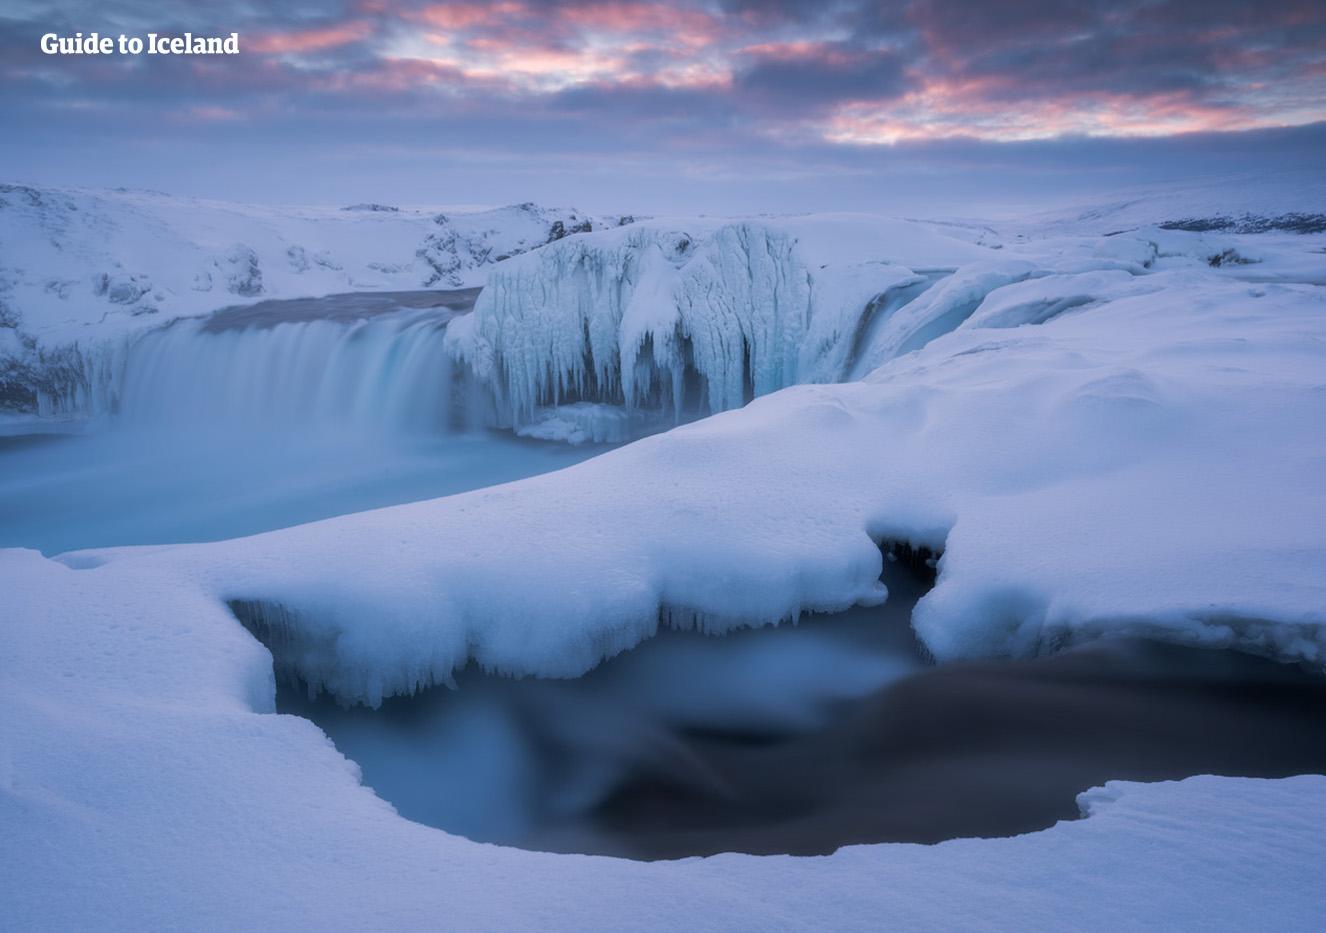 冰岛阿克雷里港口的冬色